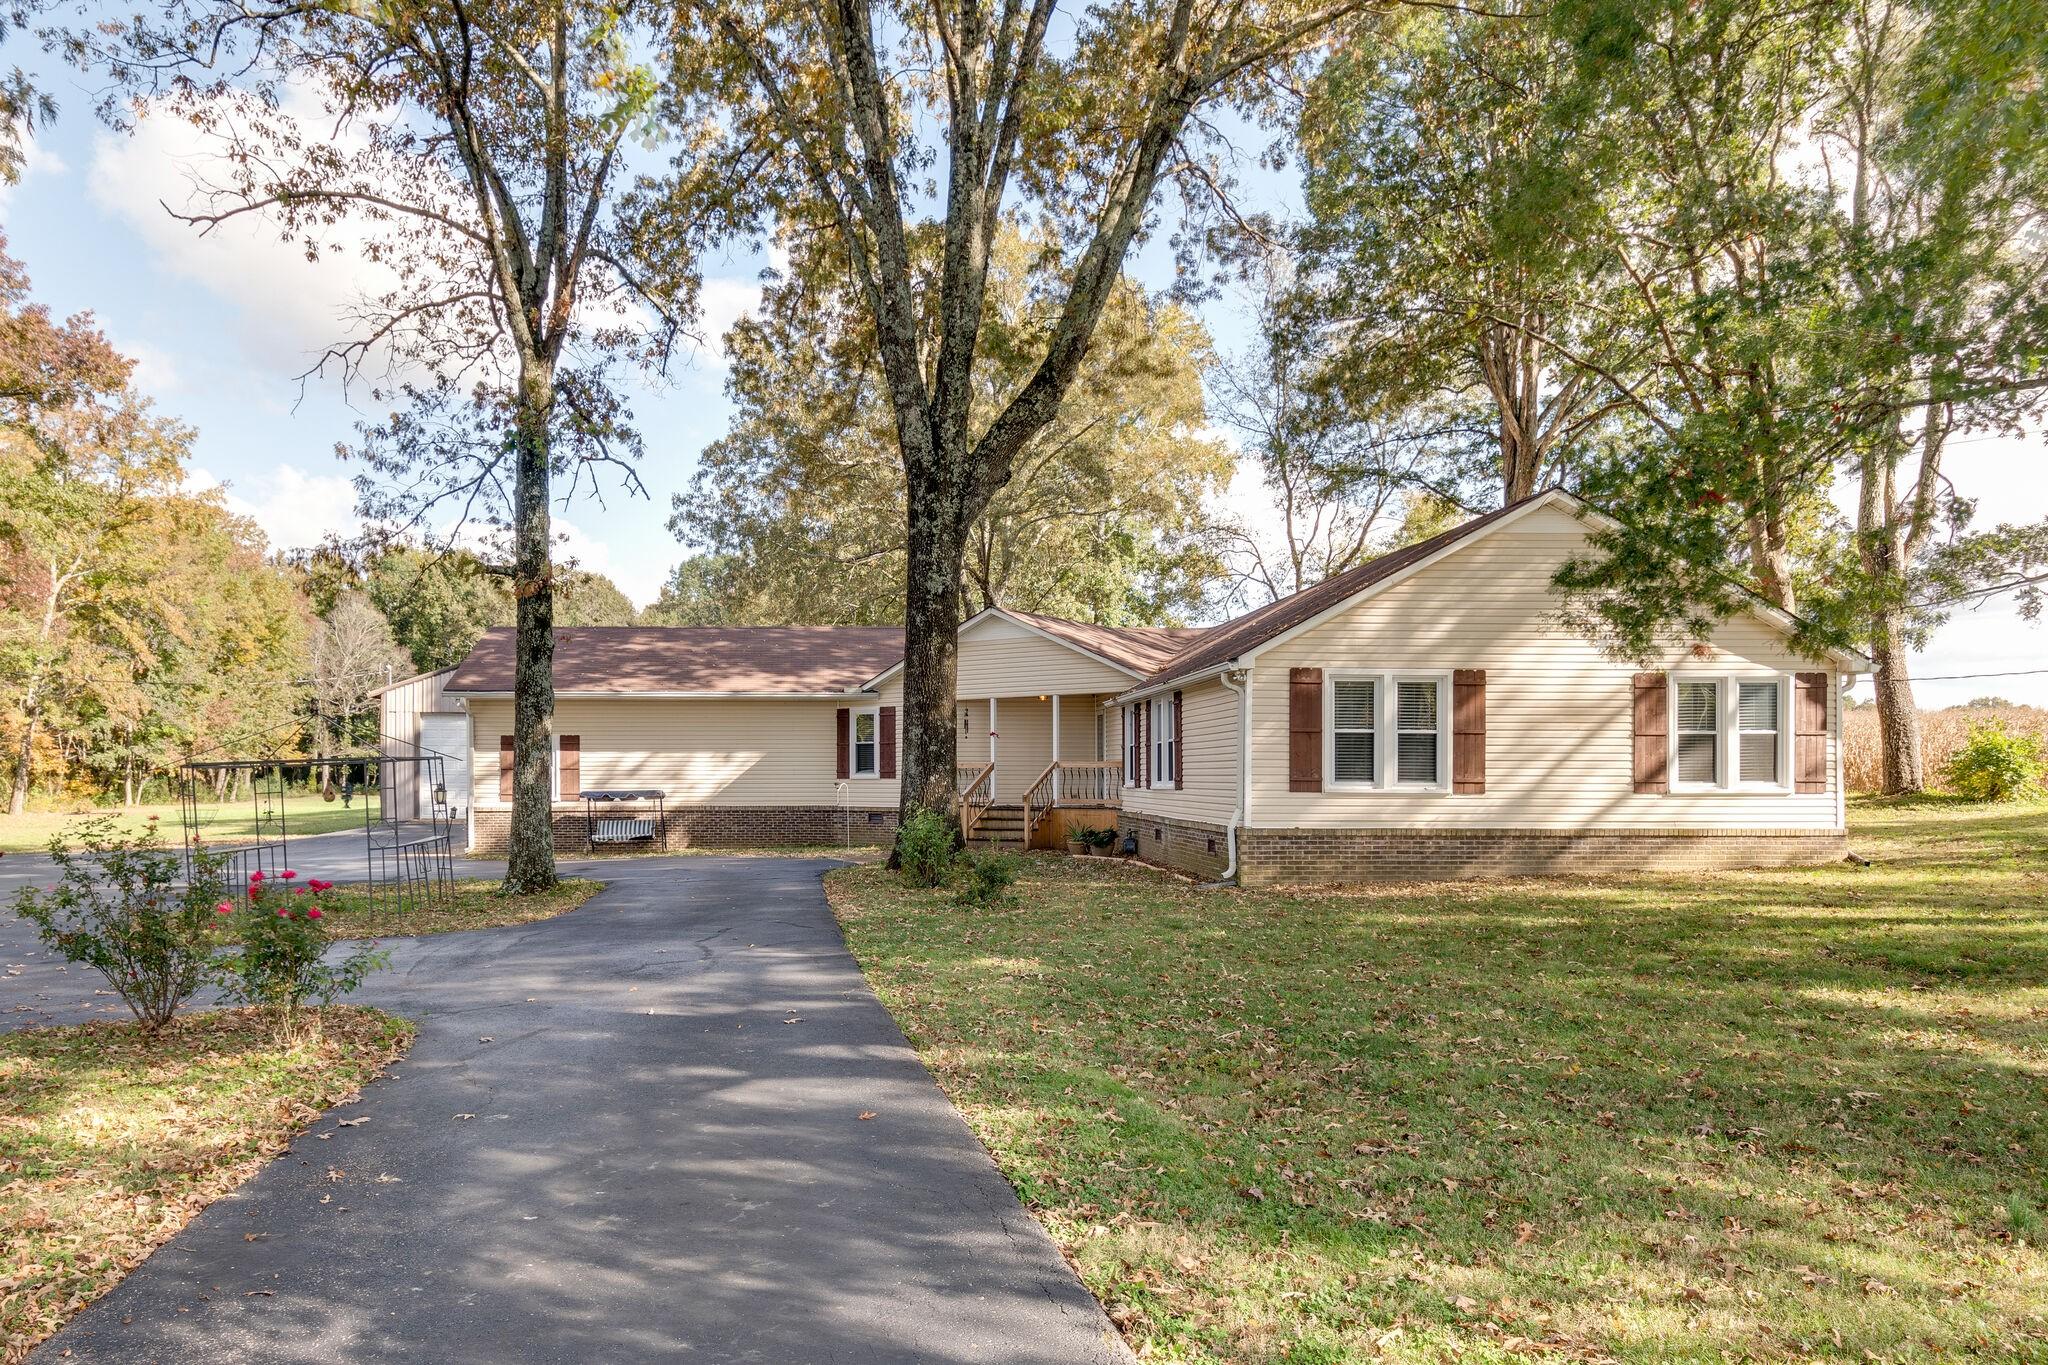 4114 US HWY 43 N N Property Photo - Ethridge, TN real estate listing